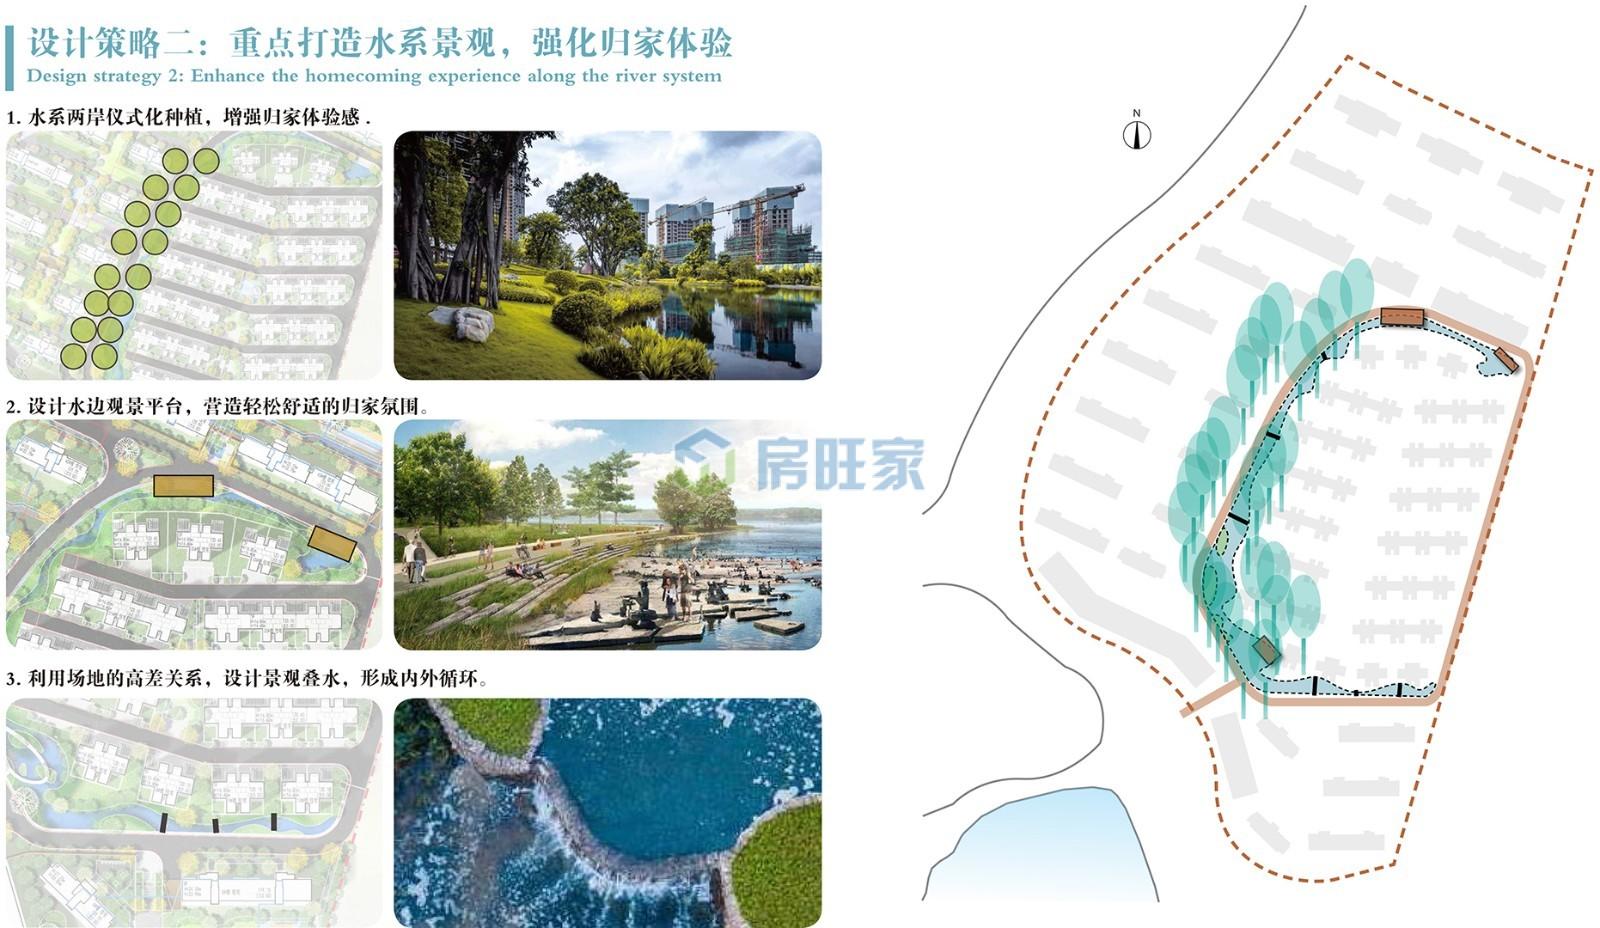 鸿基湖畔新城设计策略二